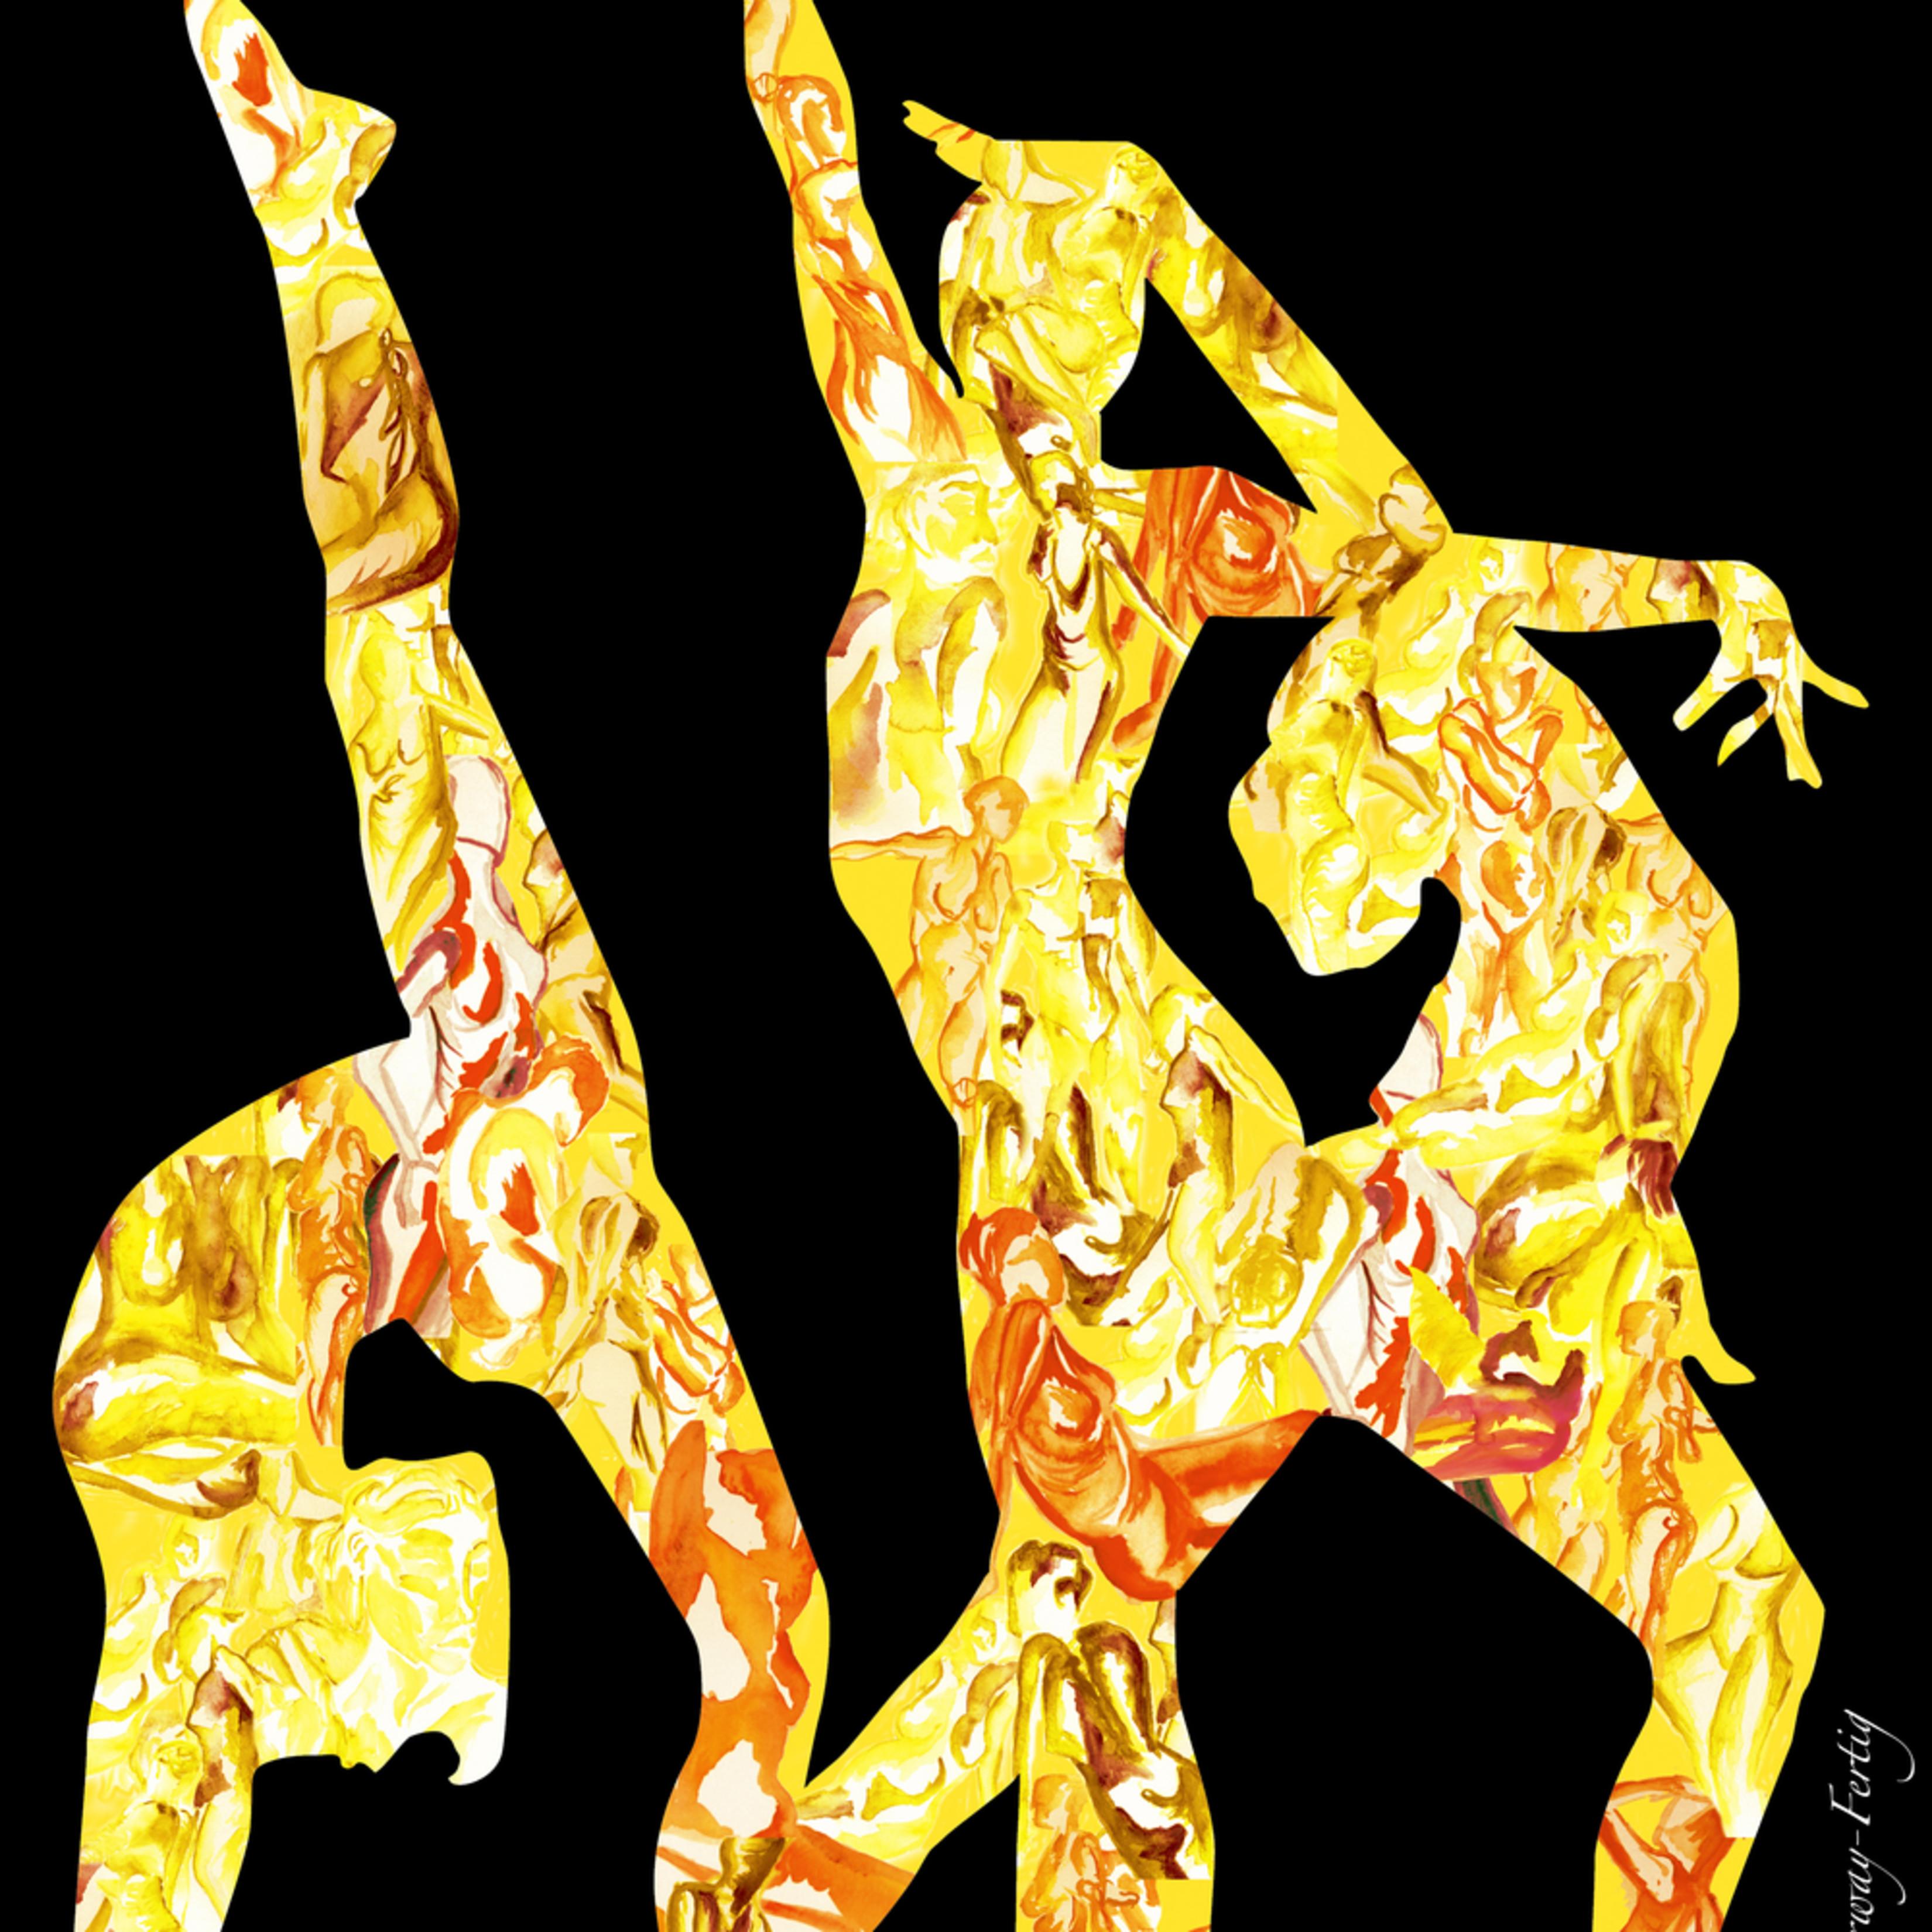 Firey soul 11x14 copy s2rj7w